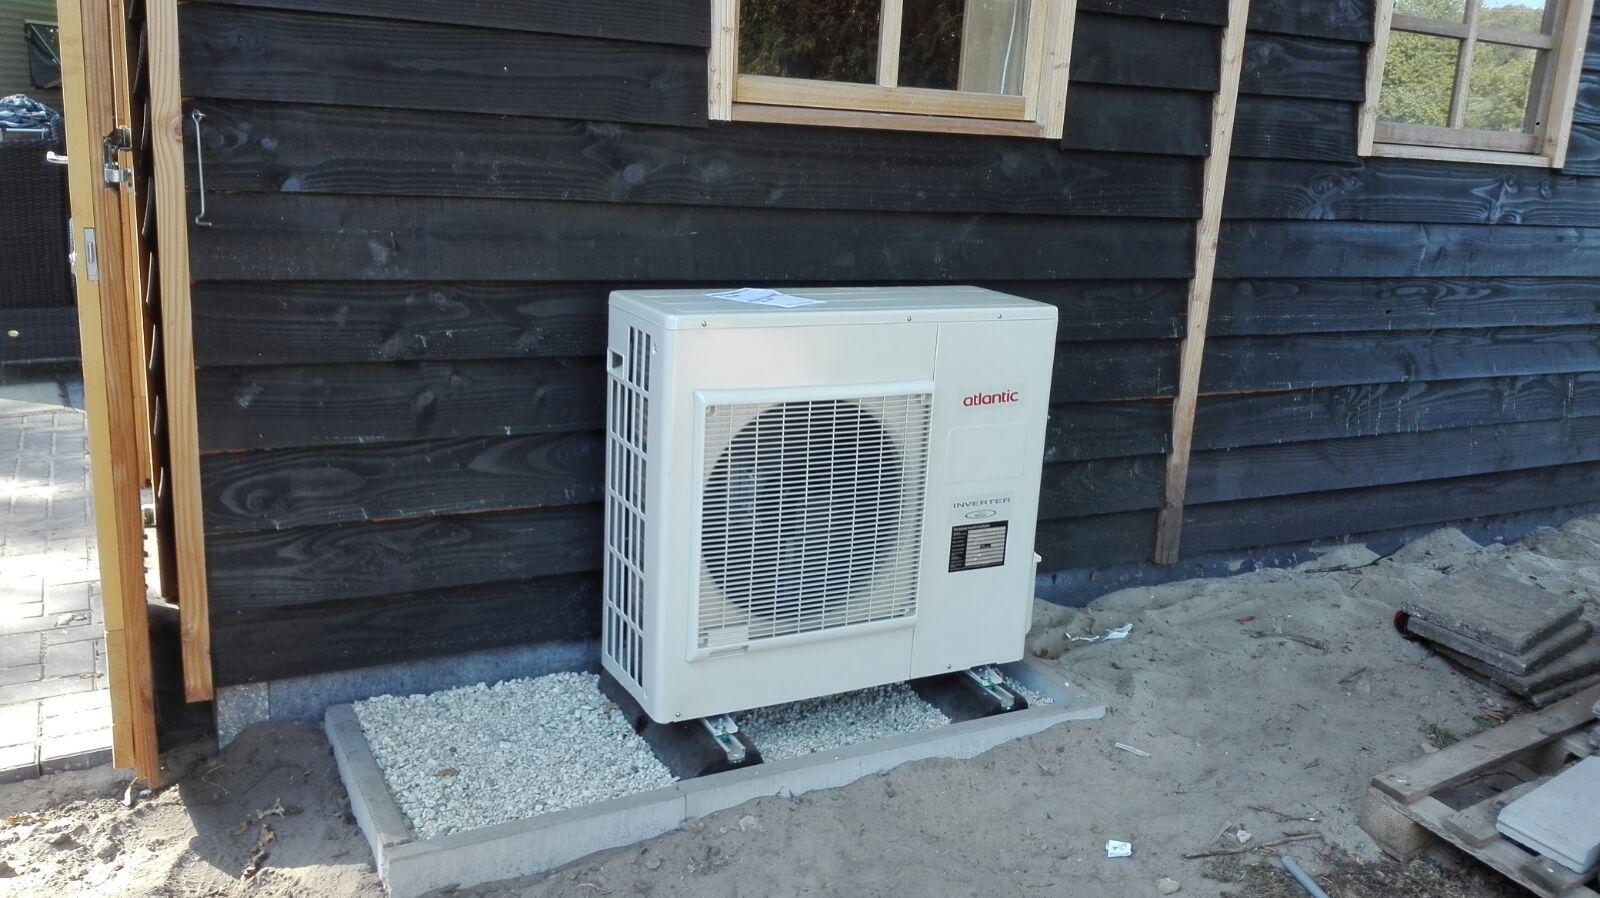 Prijs warmtepomp | warmtepomp kosten